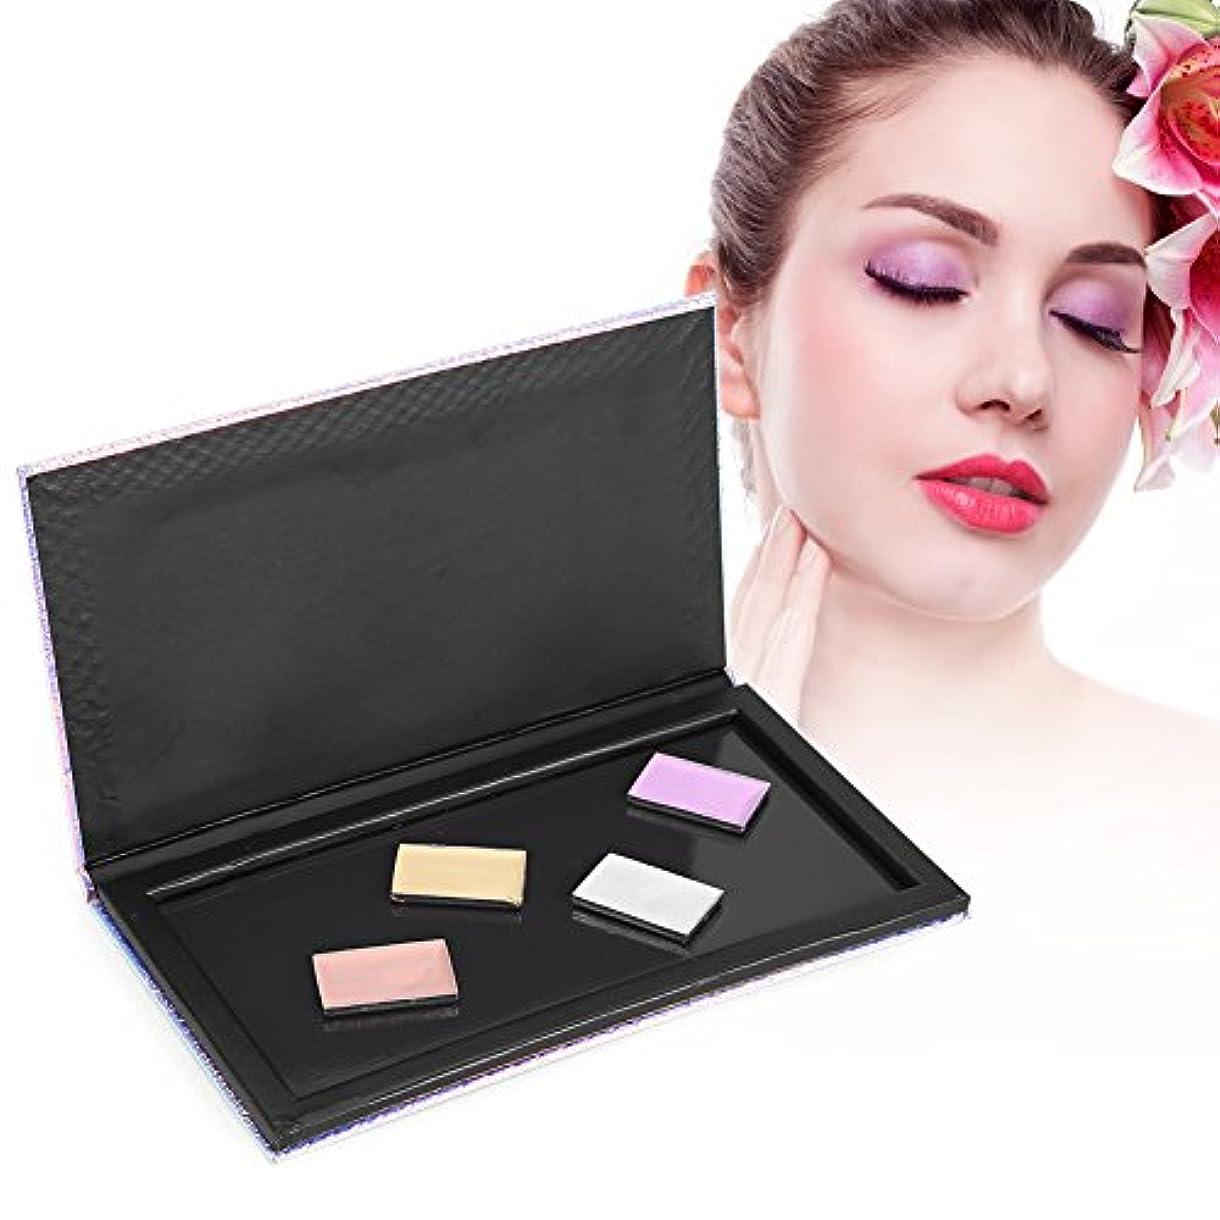 できるレルム規制する空のアイシャドウブラッシュ 化粧品ケース 収納ケース パレットグラデーションカラー 磁気化粧収納ボックス 18 * 10CM